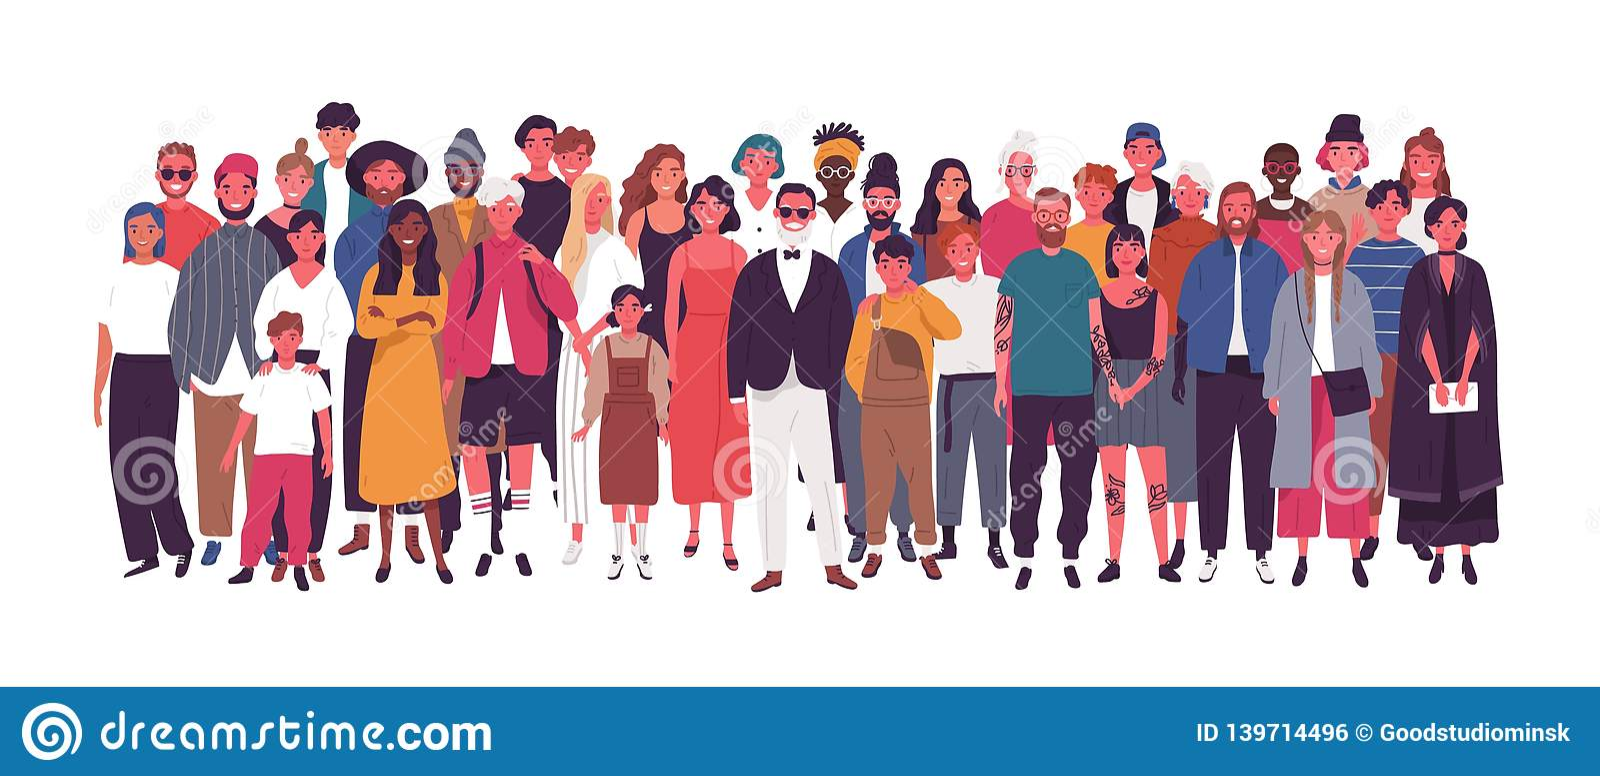 Grupo de personas multiétnico o multinacional diverso aislado en el fondo blanco Hombres mayores y jovenes, mujeres y niños